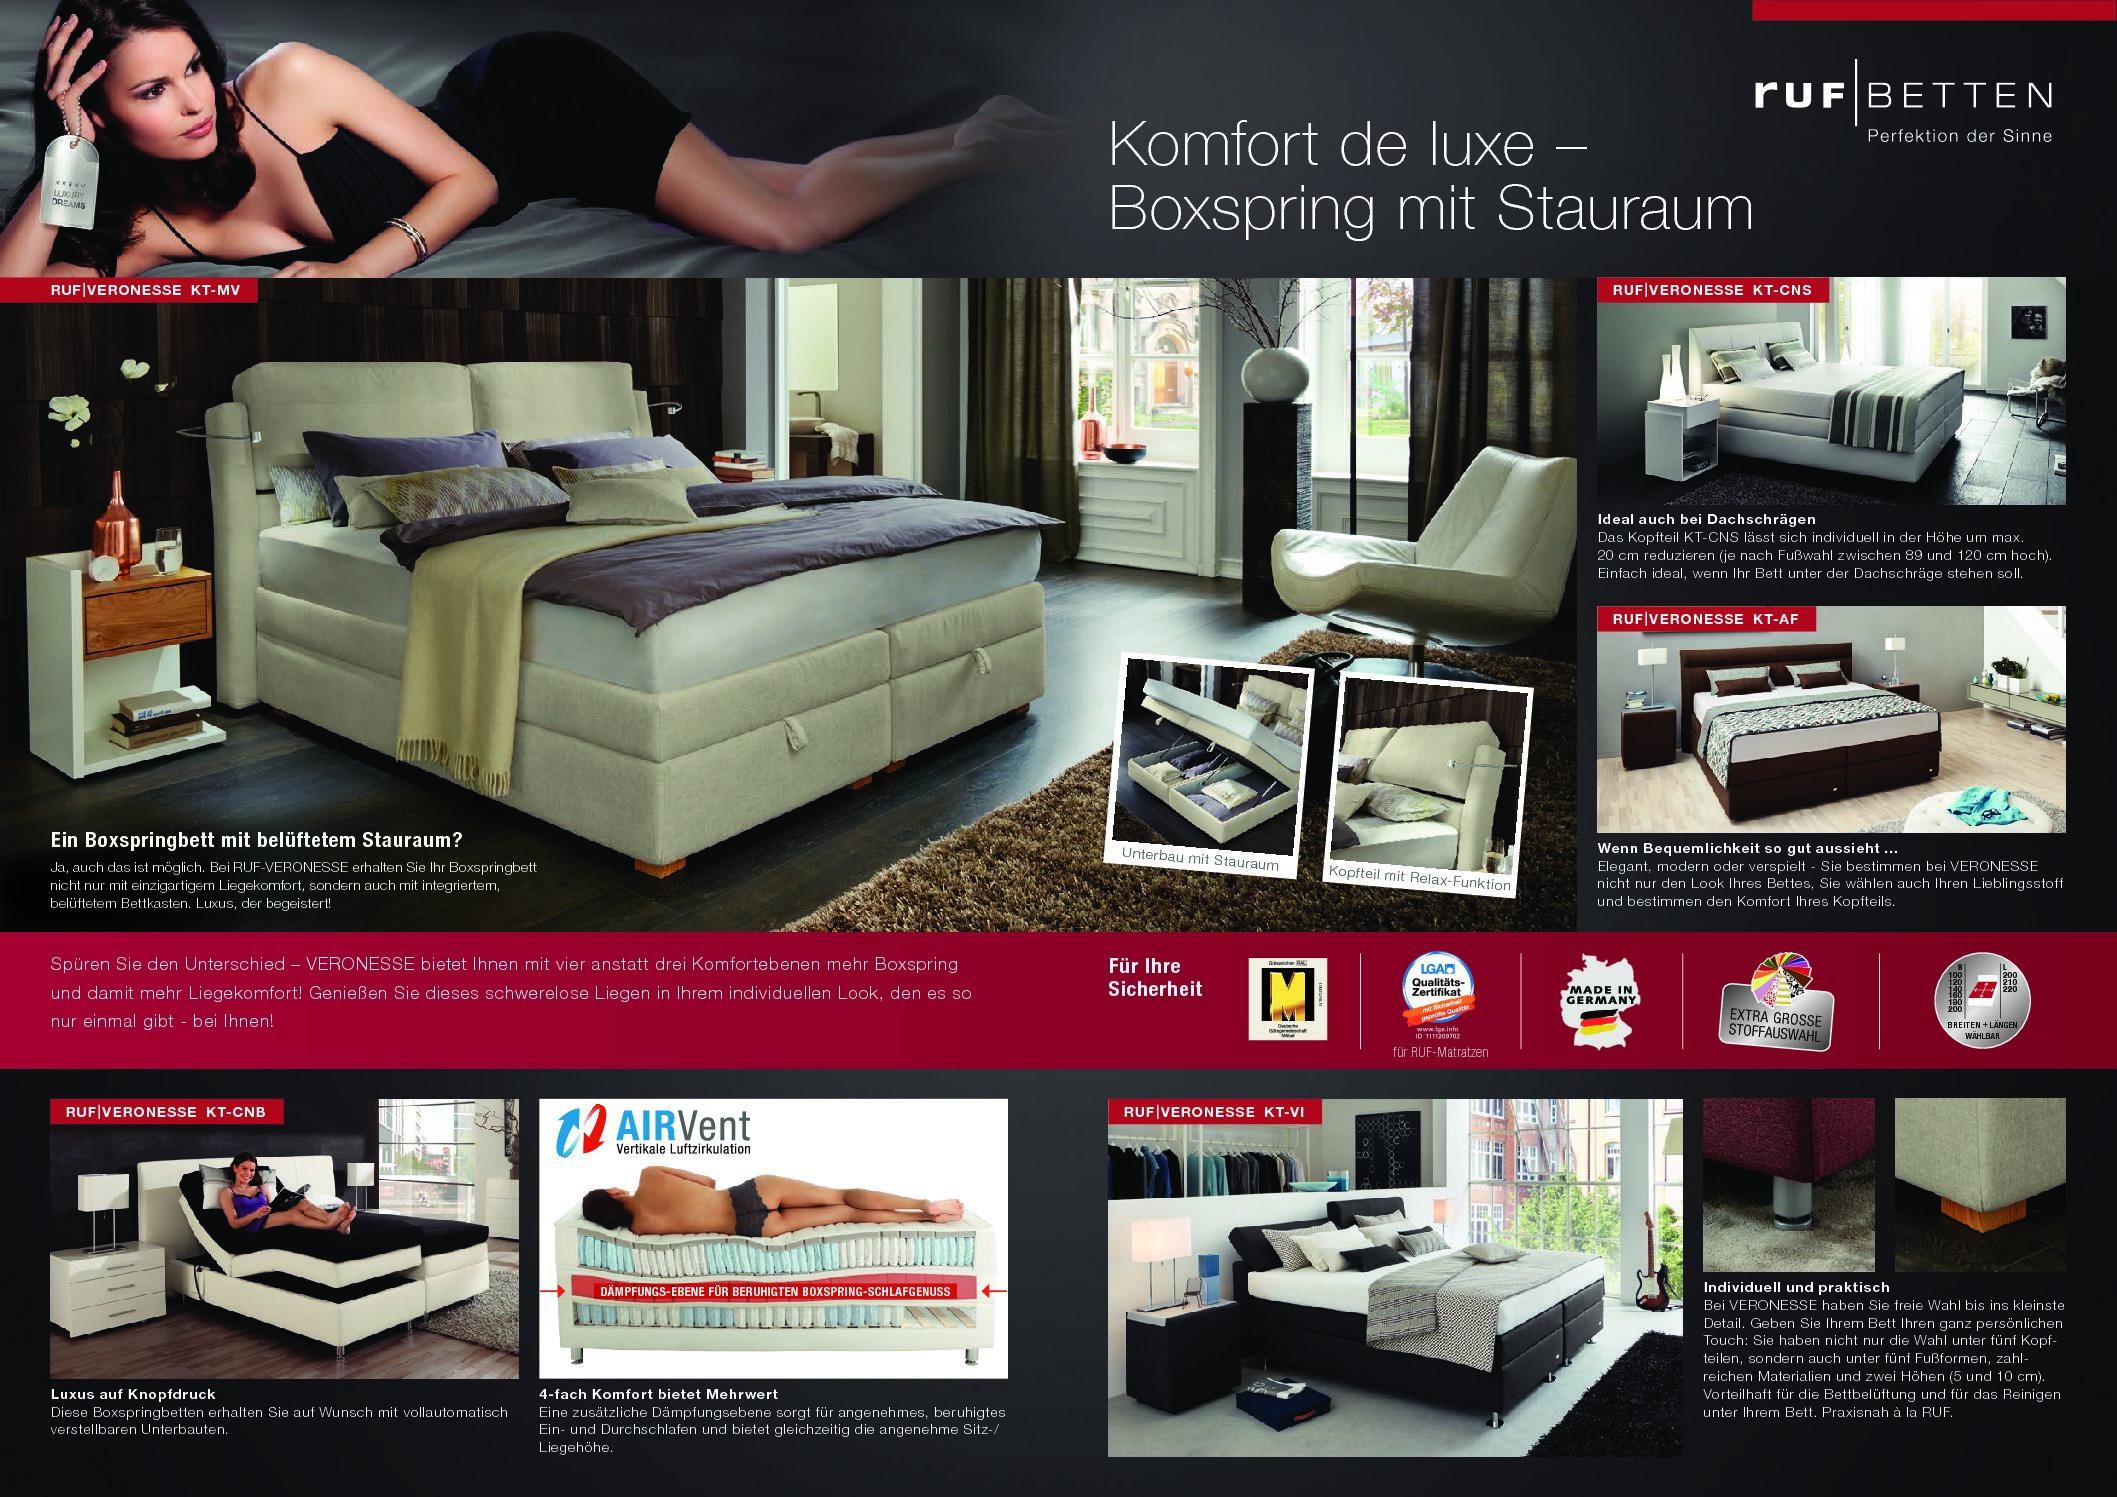 ruf m bel weber neustadt landau karlsruhe. Black Bedroom Furniture Sets. Home Design Ideas